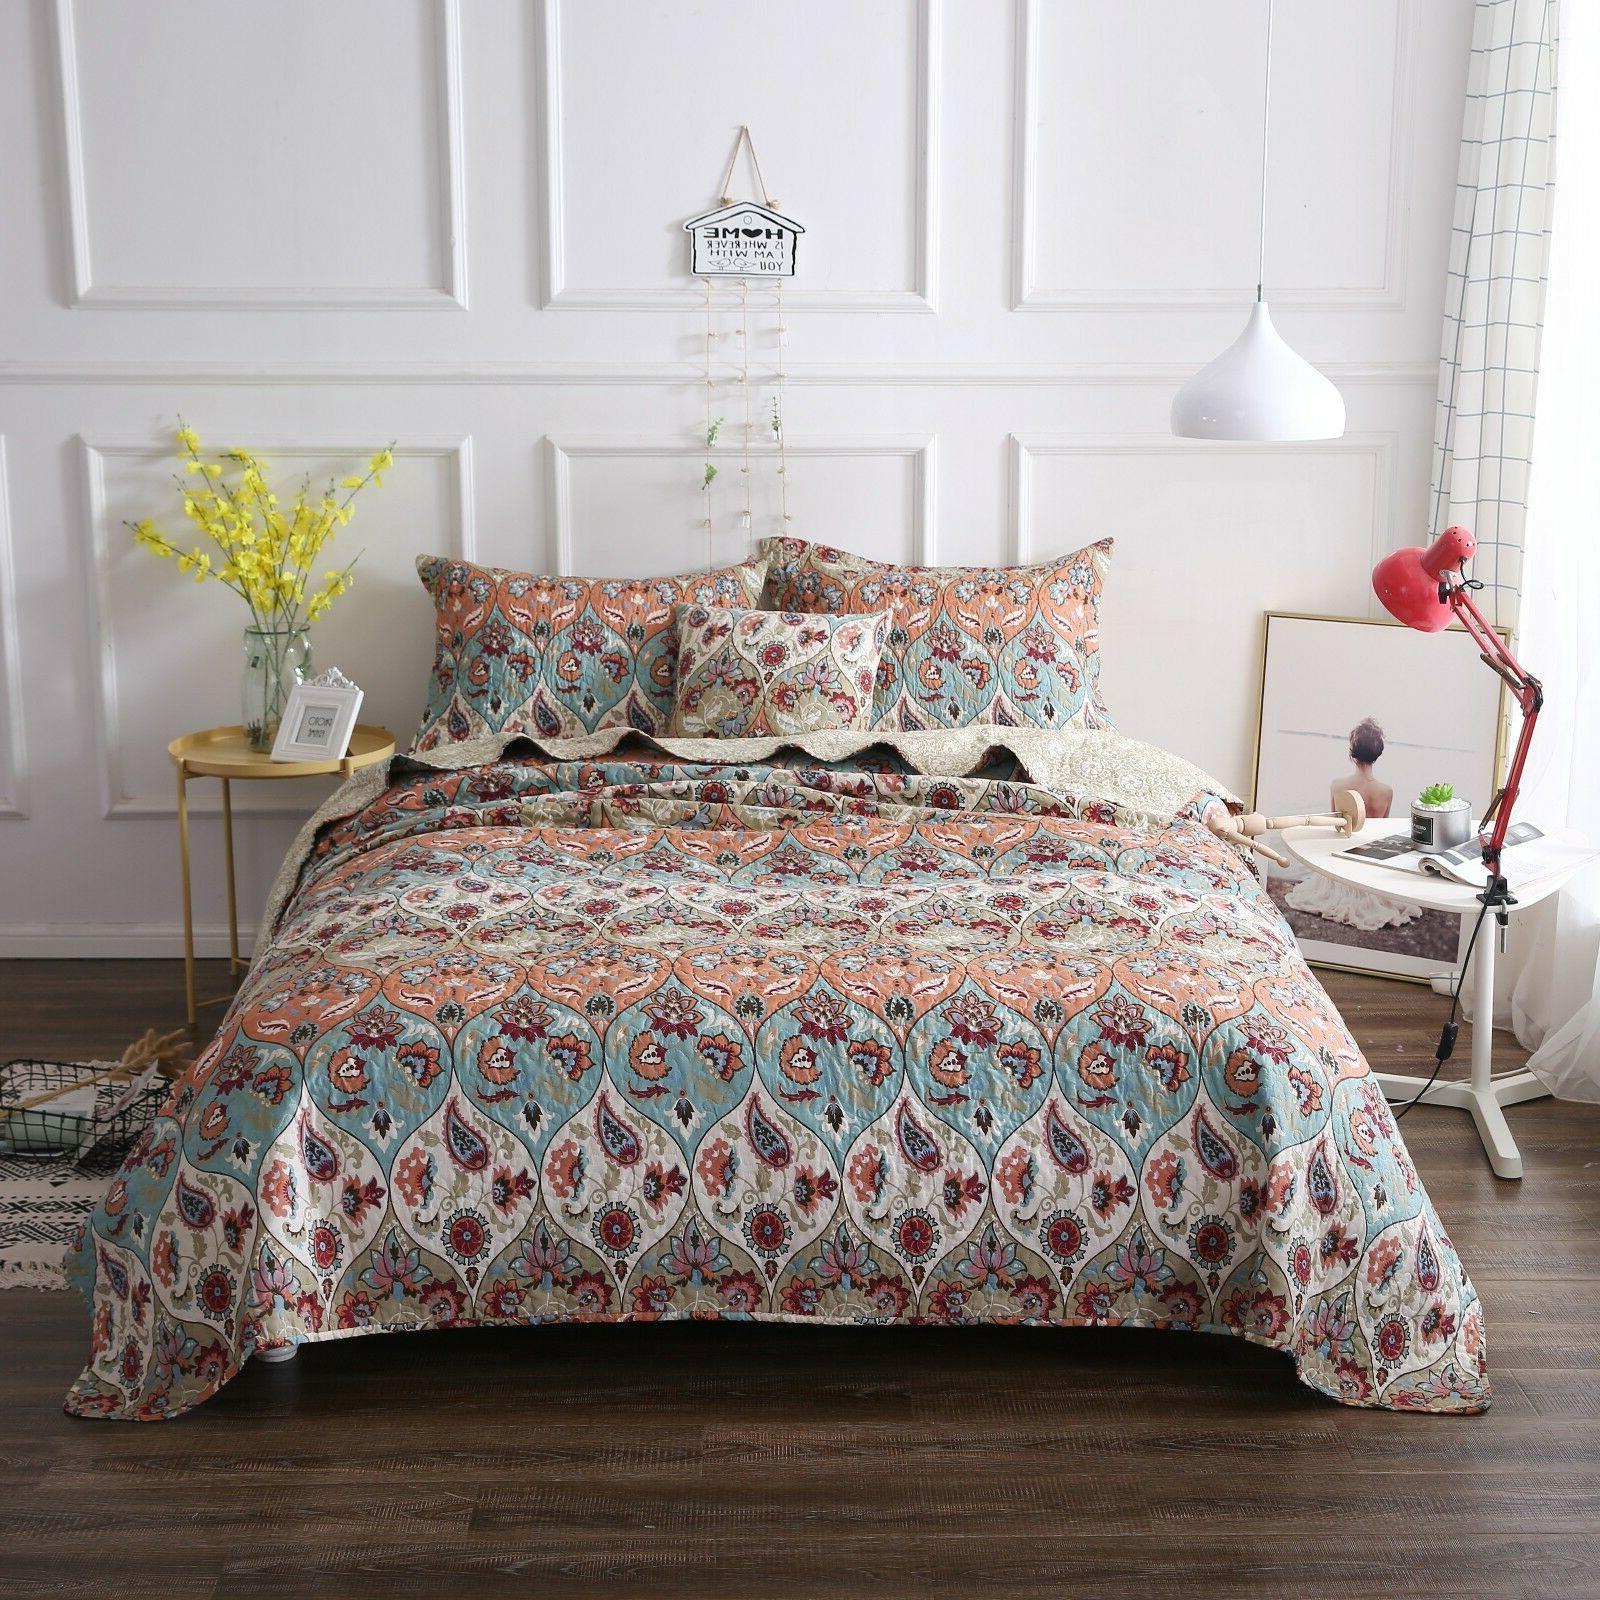 DaDa Garden Quilt Coverlet Bedspread